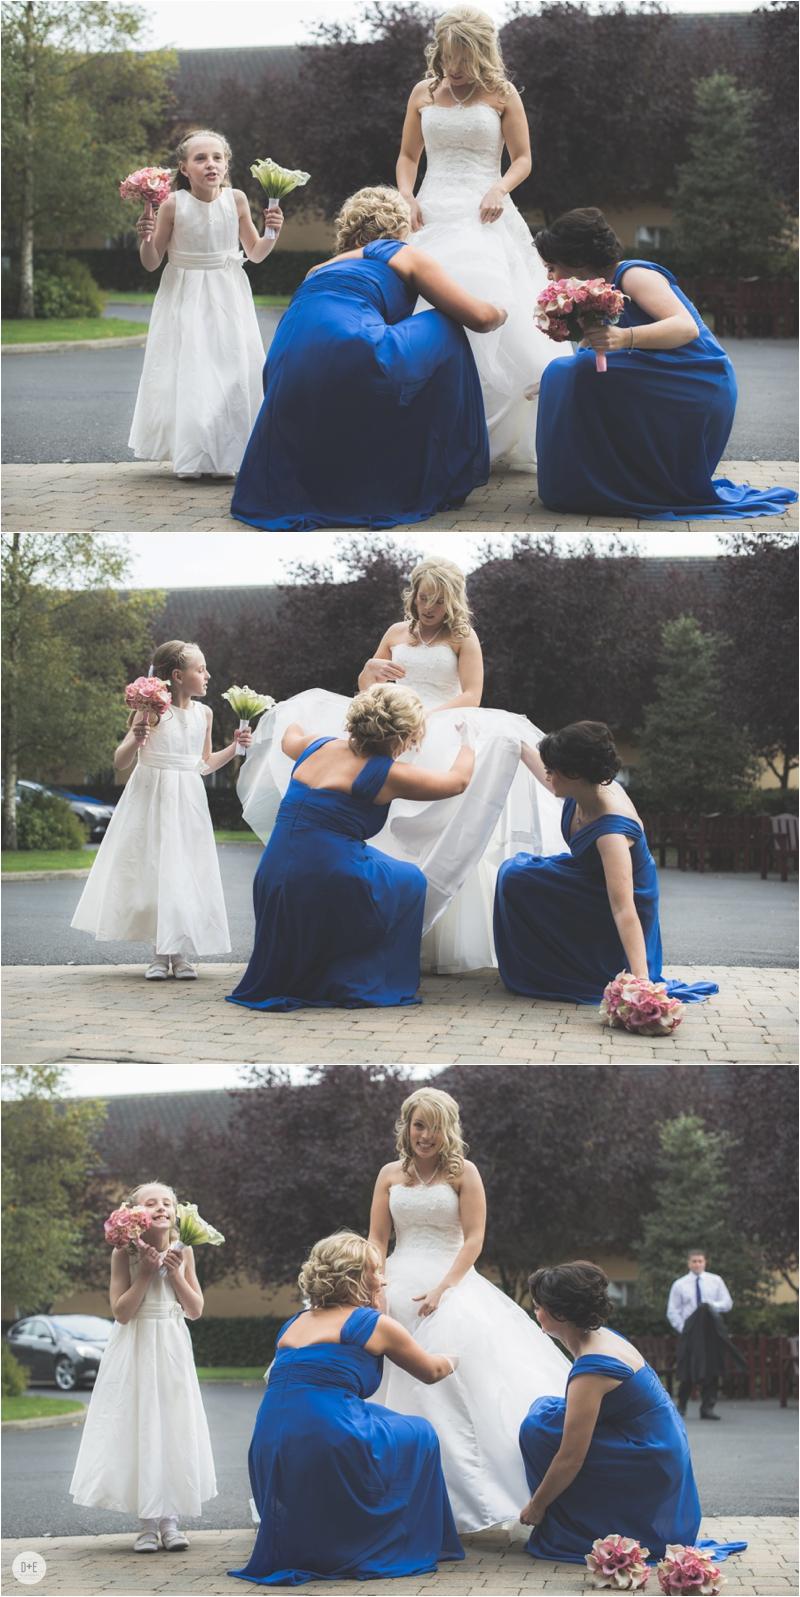 sinead-brett-wedding-hamlet-hotel-ireland-deanella.com_0012.jpg